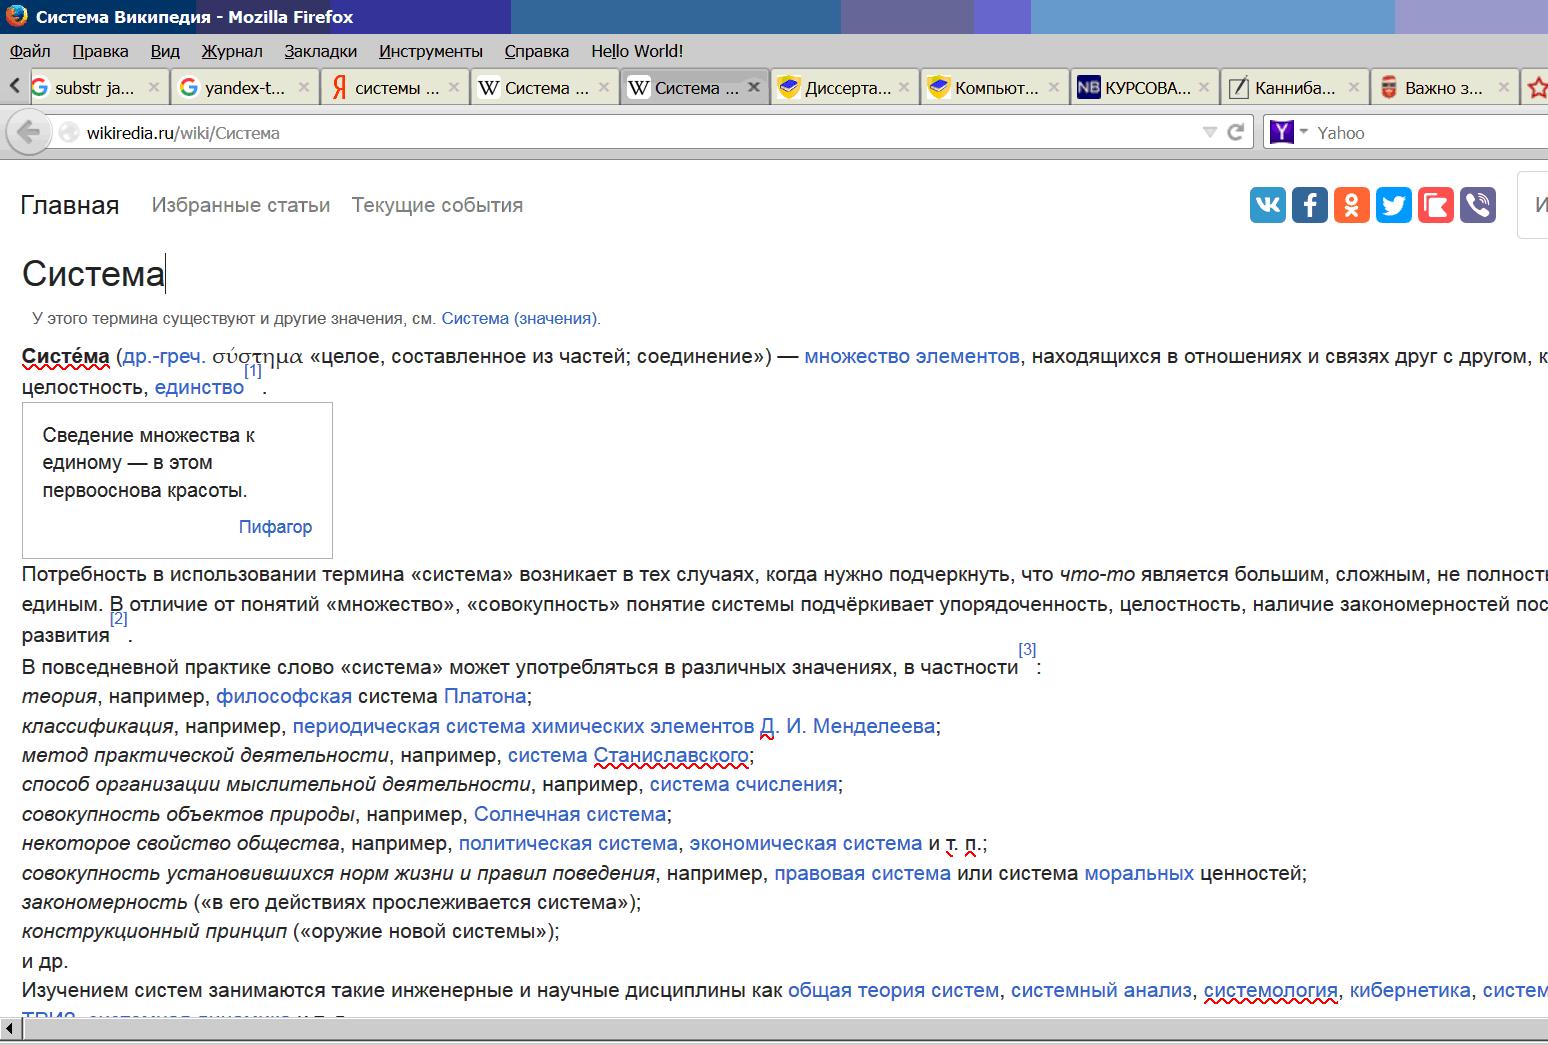 Пример страницы, открытой в браузере Firefox в режиме редактирования (красным цветом подчеркнуты слова, которые, по мнению браузера, не являются грамматически правильными